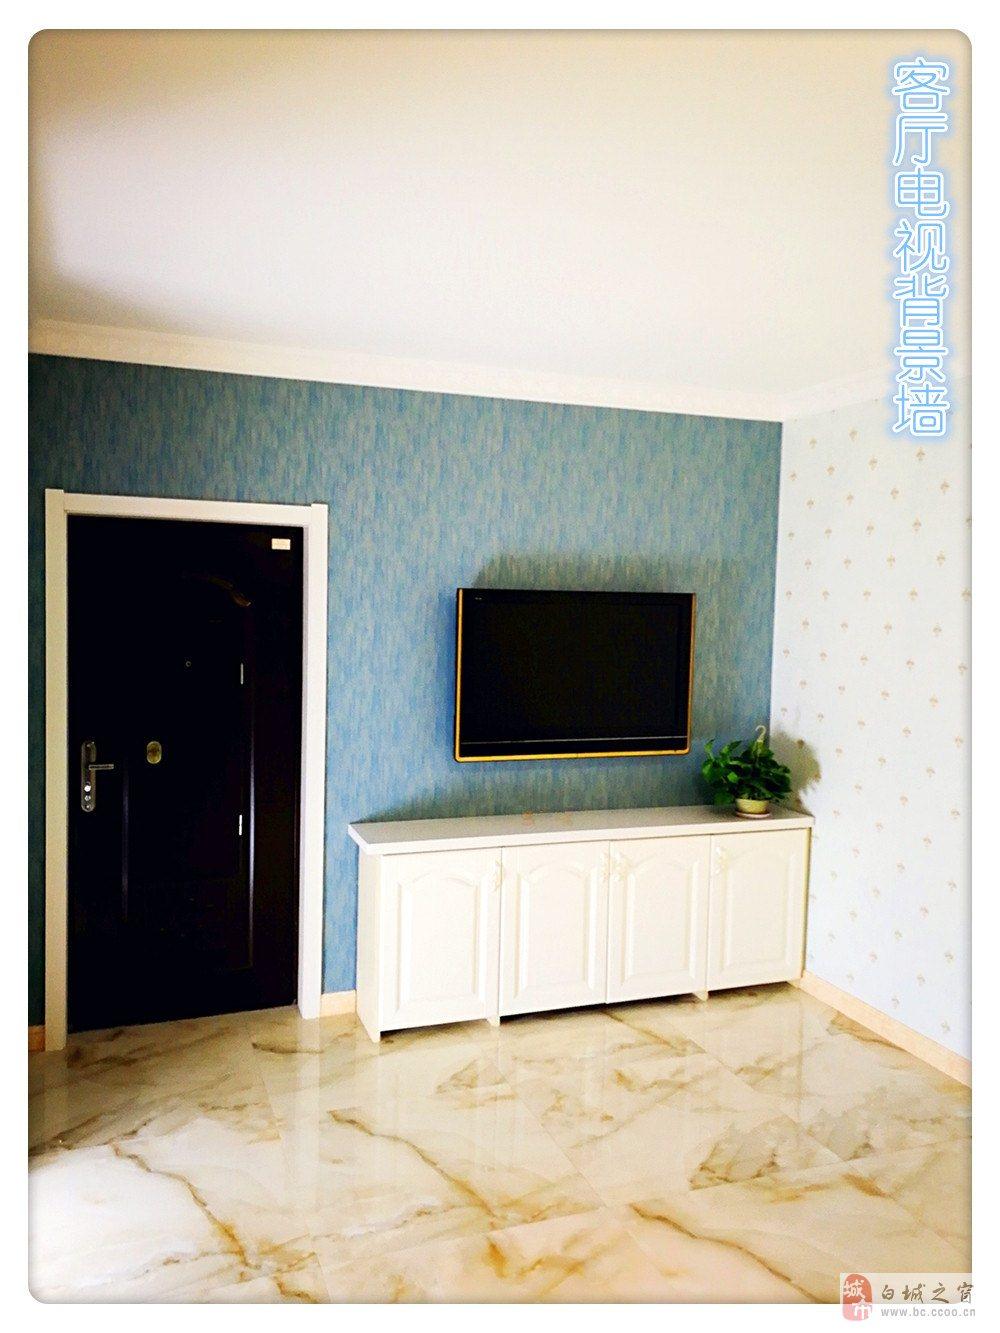 低价急售大润发精装公寓1室1厅1卫23.58万元